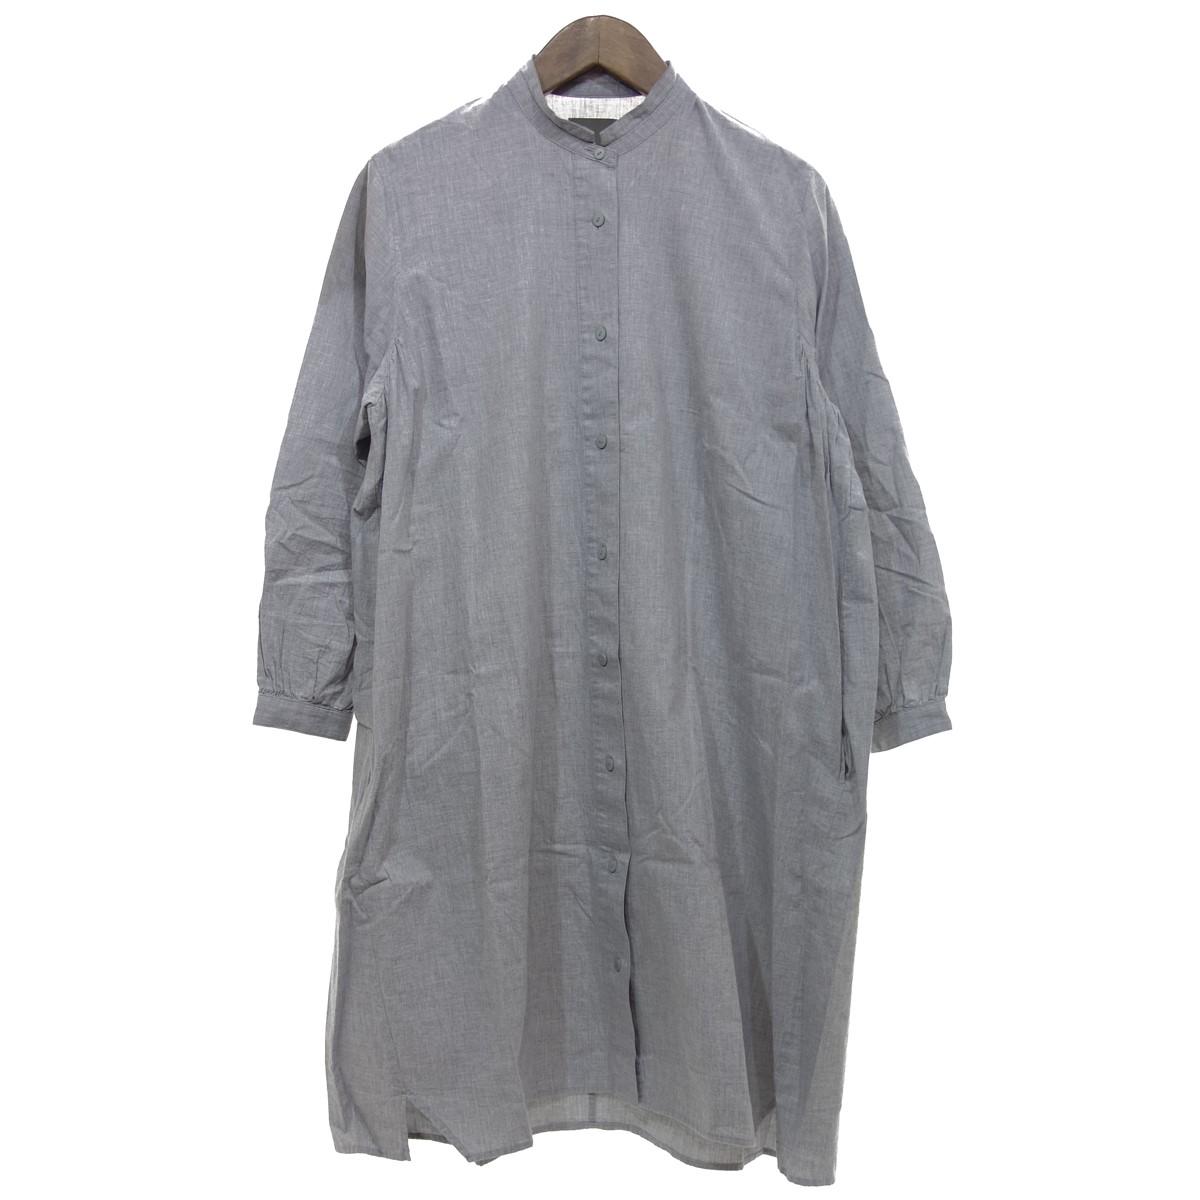 【中古】オローネ スロロロングシャツ グレー サイズ:Free 【020420】(オローネ)